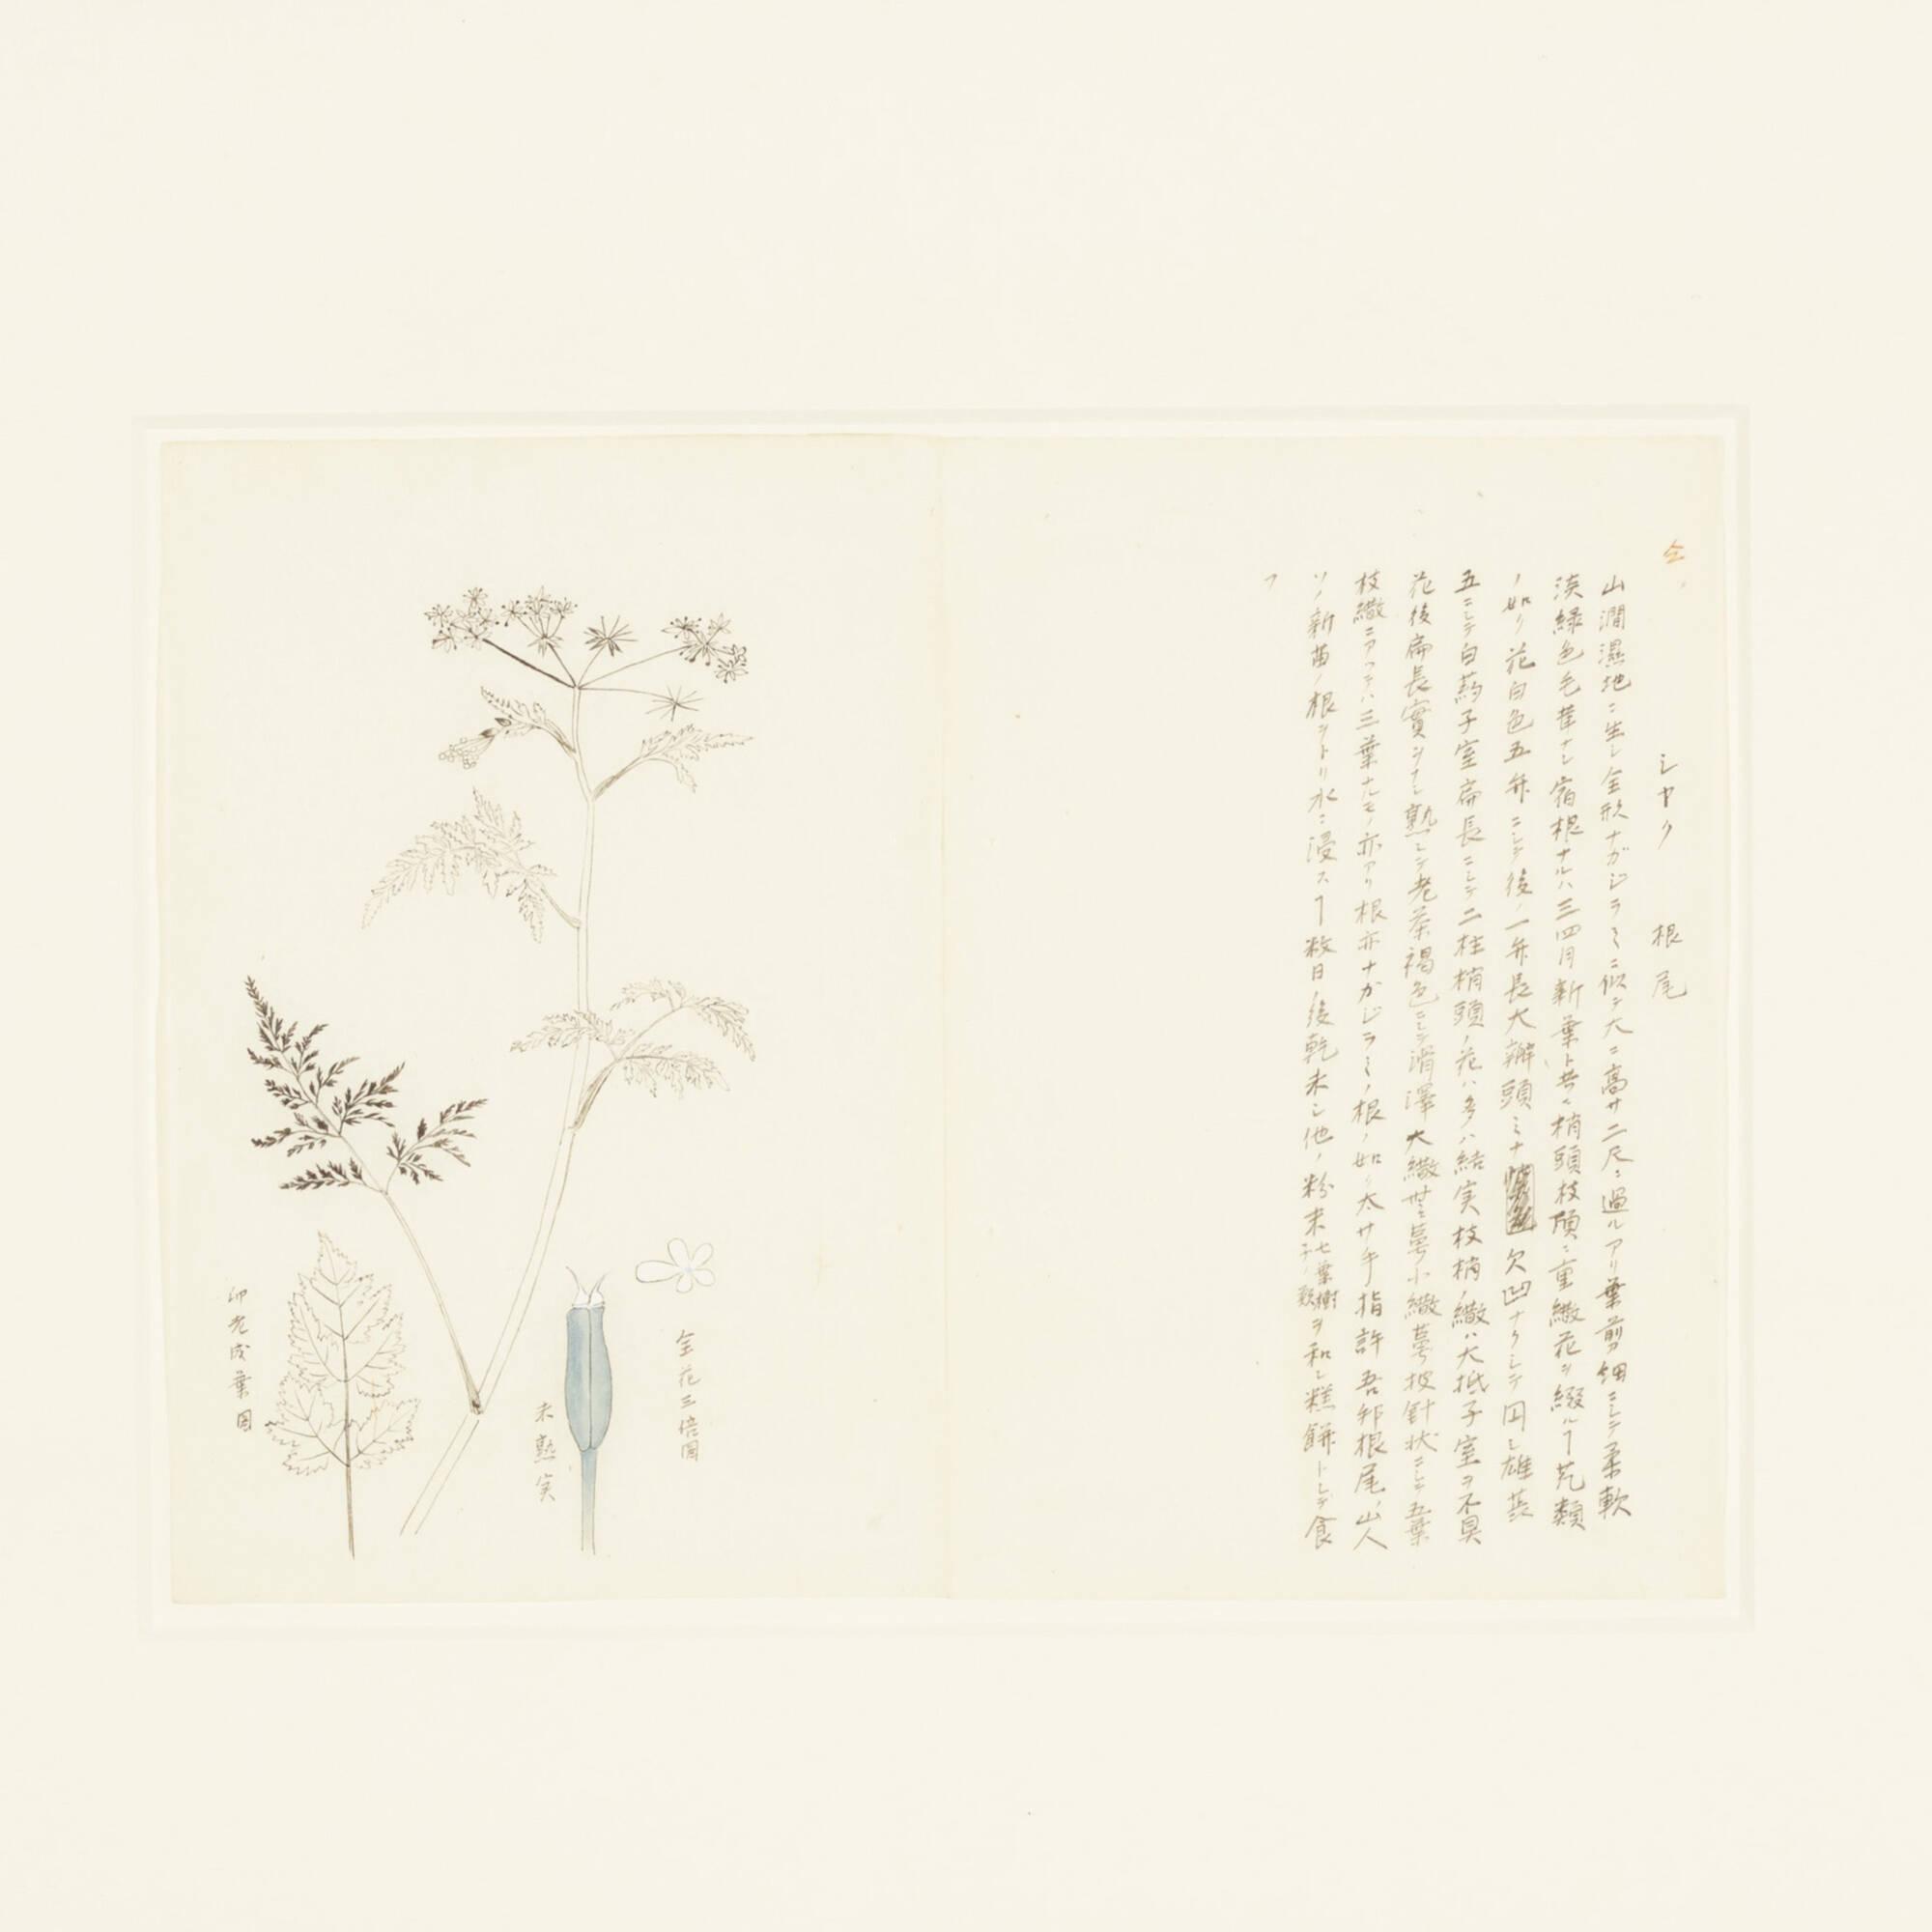 130: Japanese / botanical prints, set of six (3 of 3)